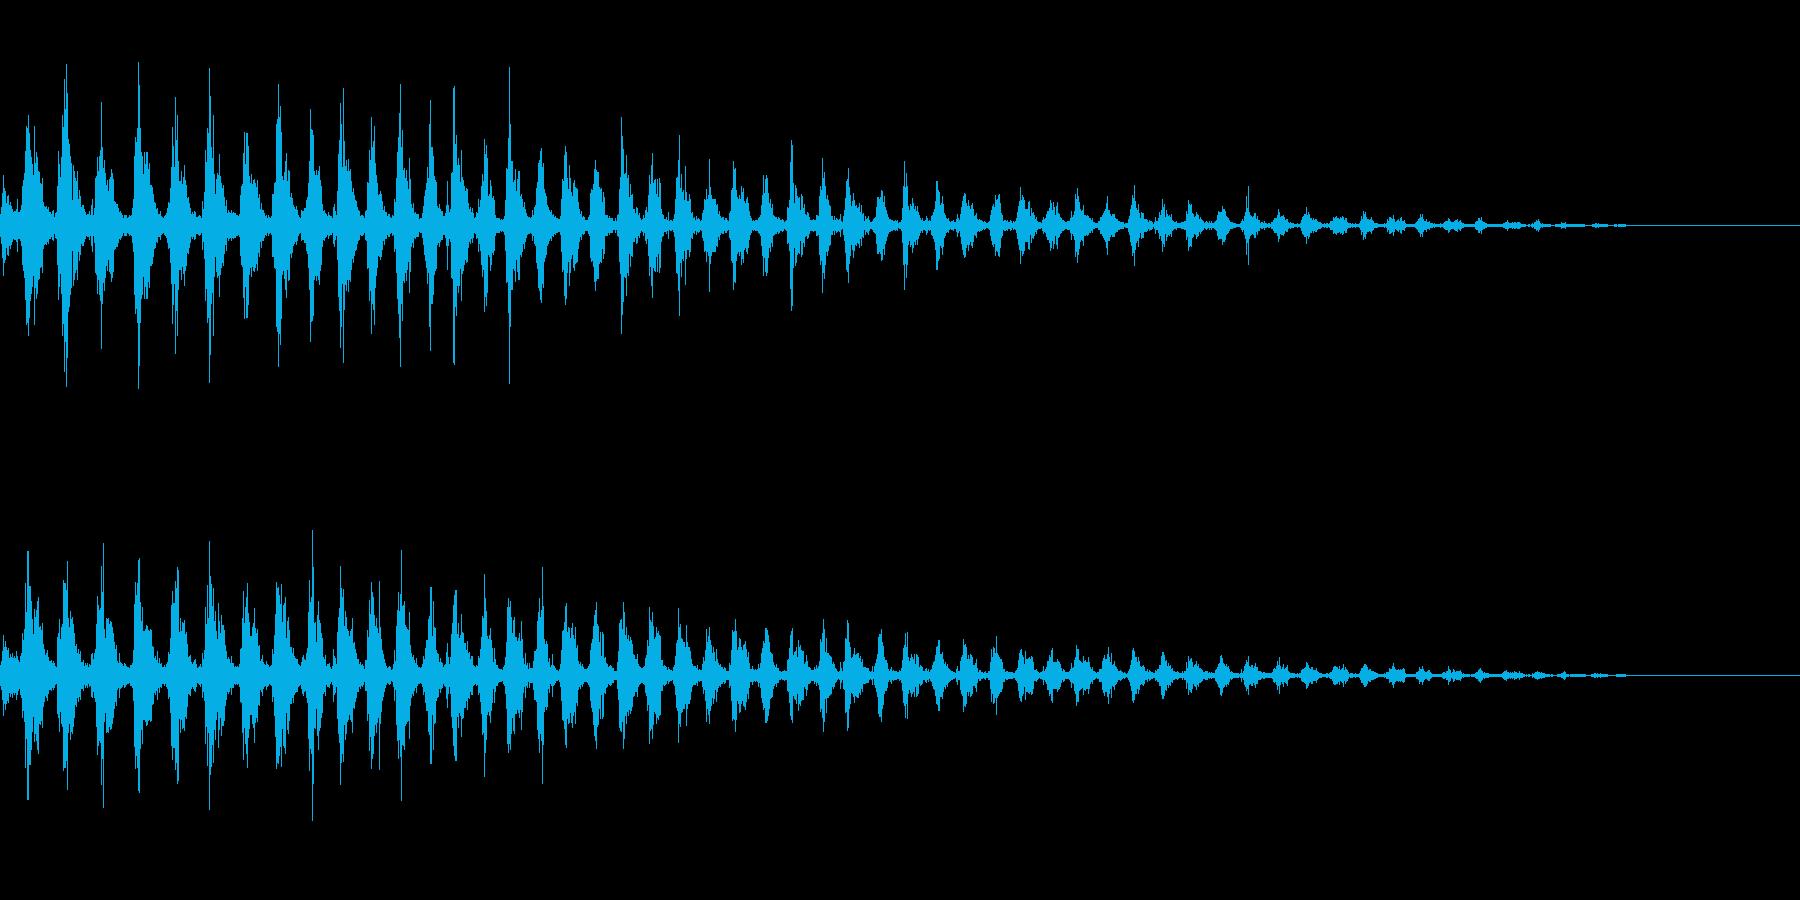 虫が飛び立つ音 竹とんぼ プロペラ飛行の再生済みの波形